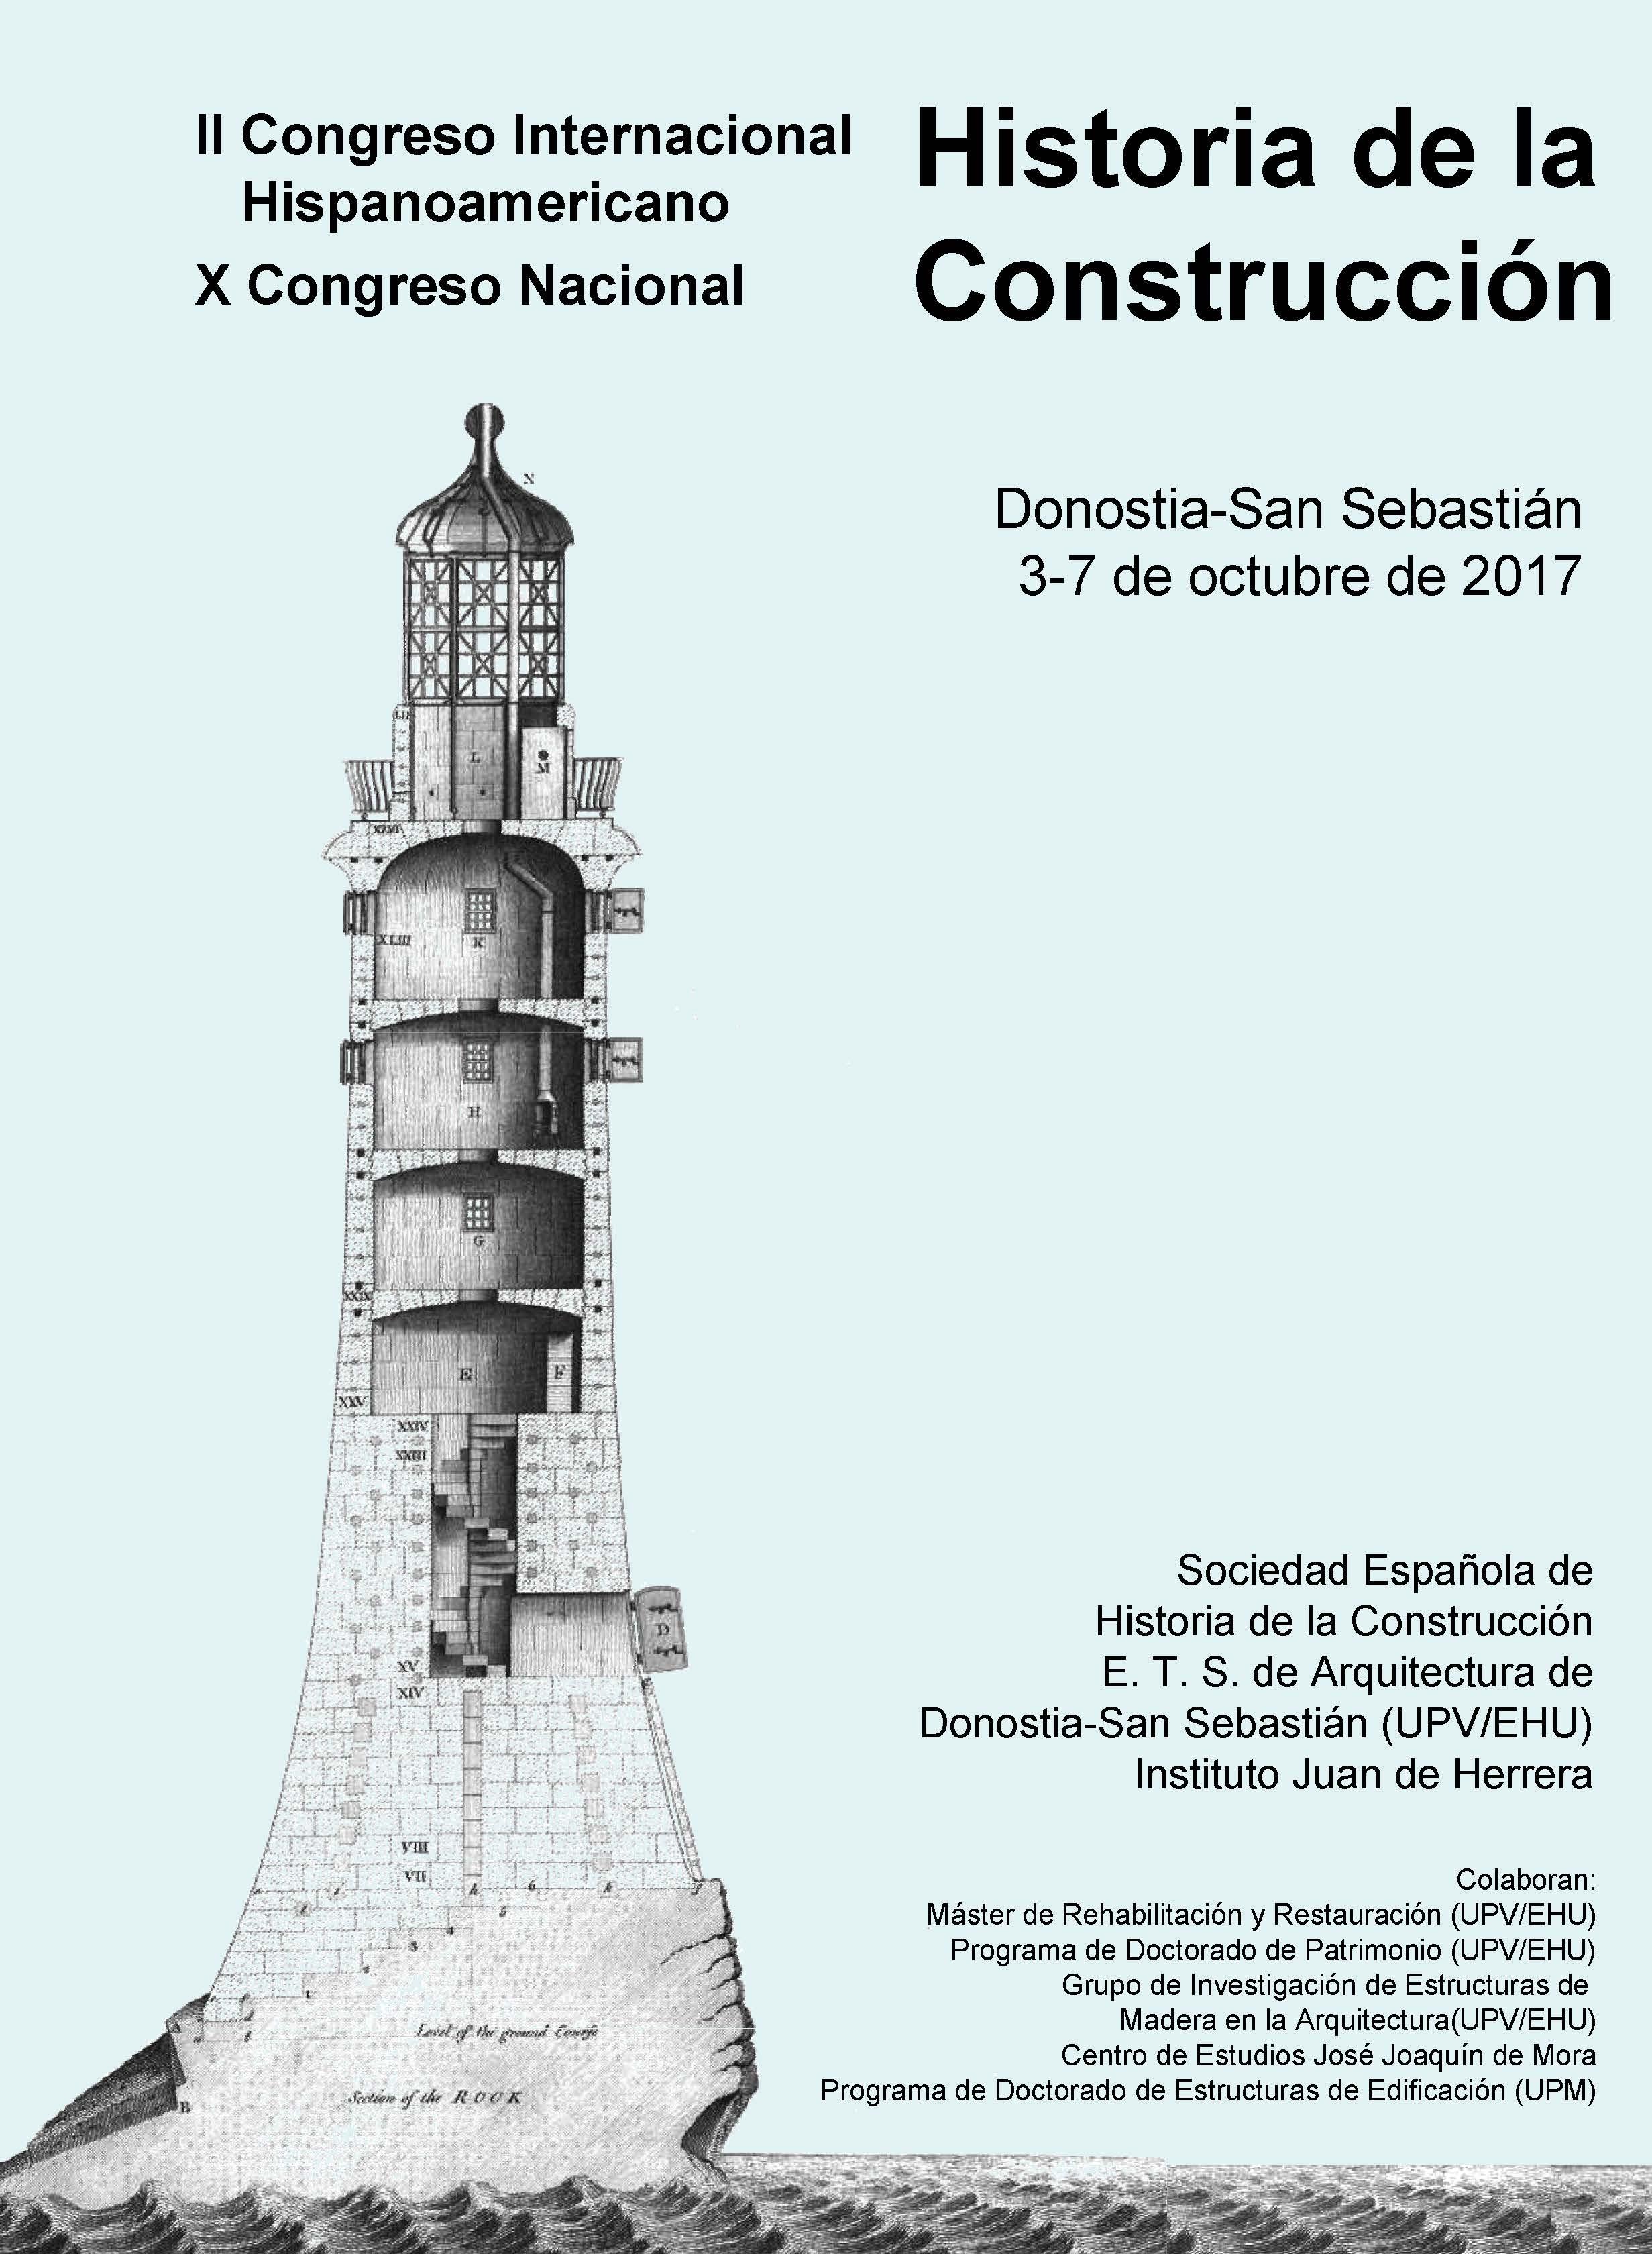 Congreso sobre historia de la construcción.